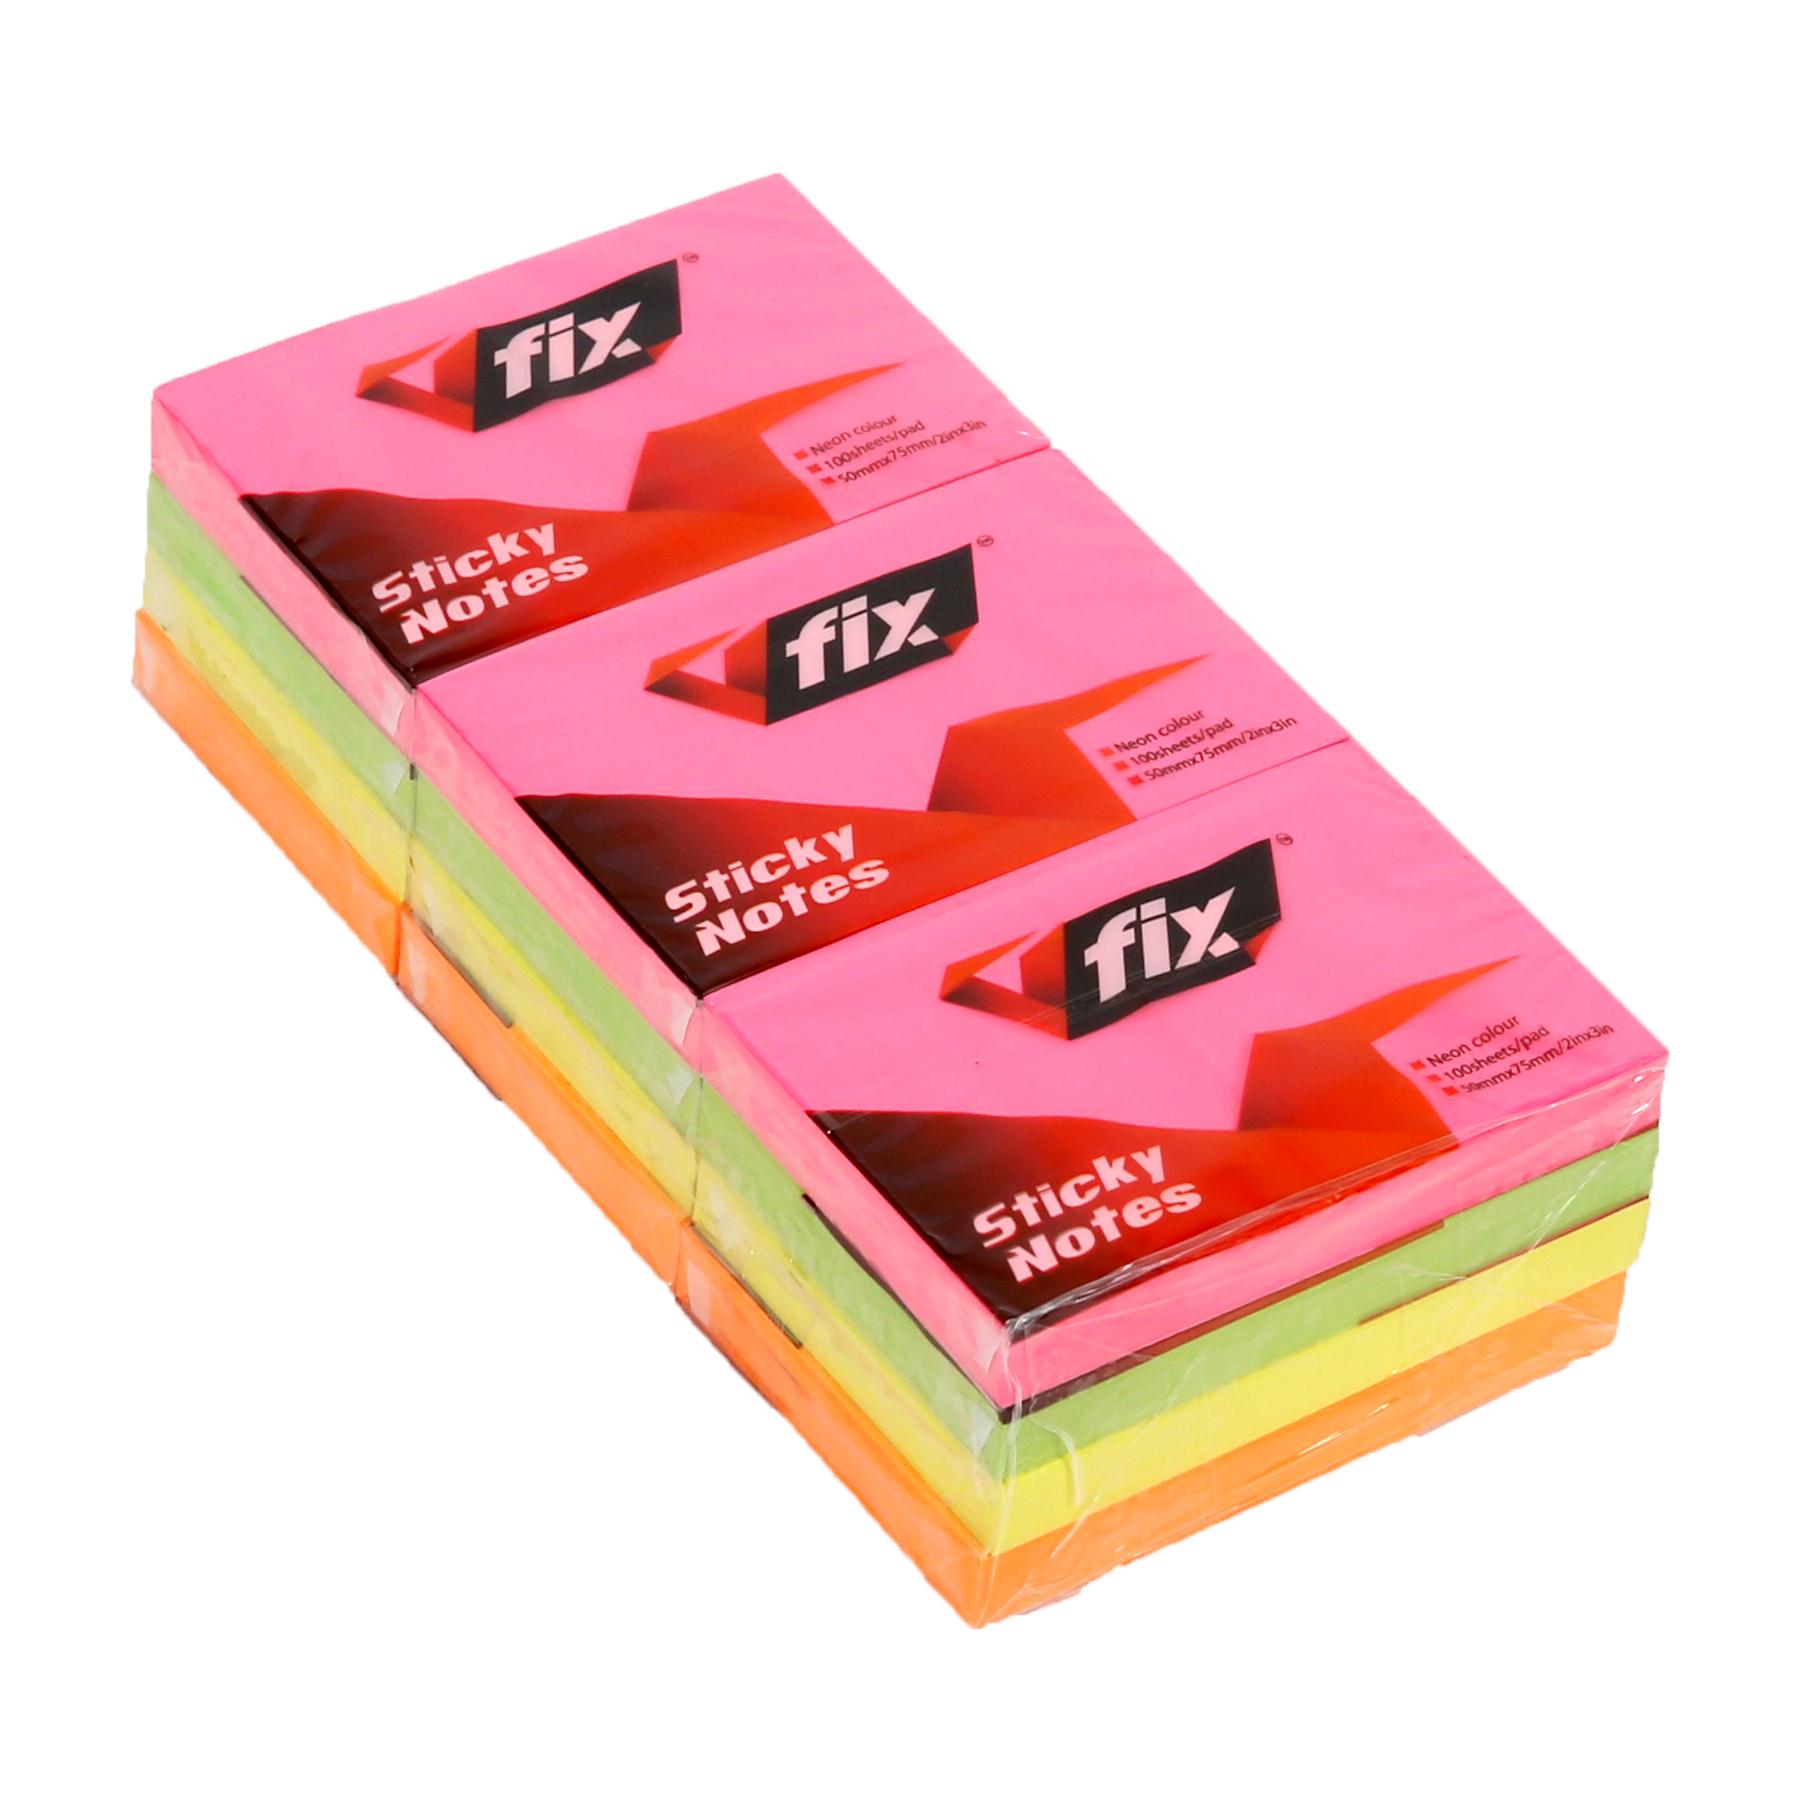 V Fix VF23-12N Post-it 2 x 3 - Neon (pkt/12pcs)